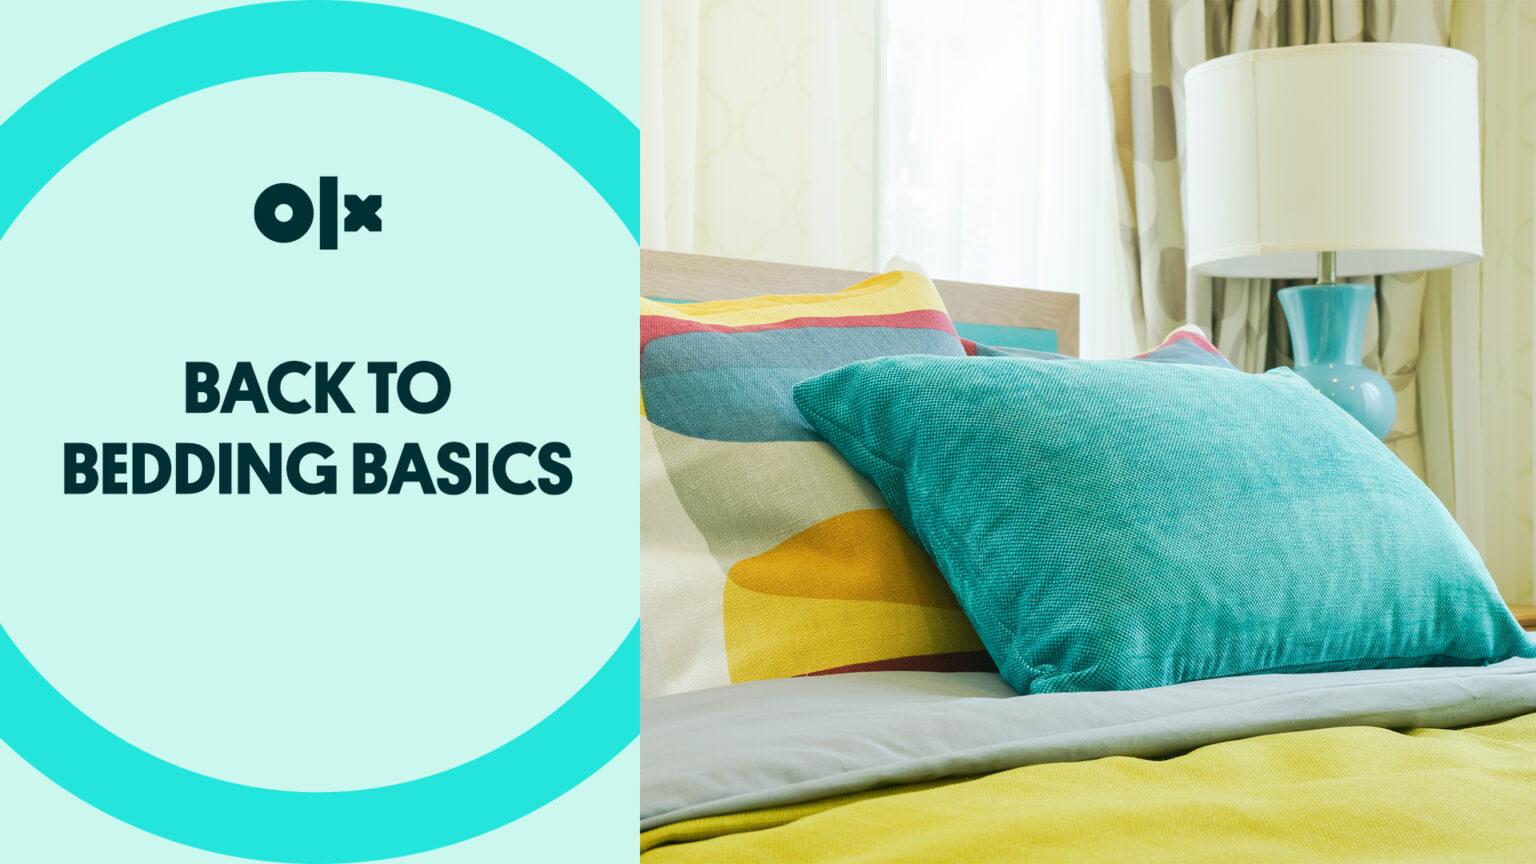 Back to Bedding Basics